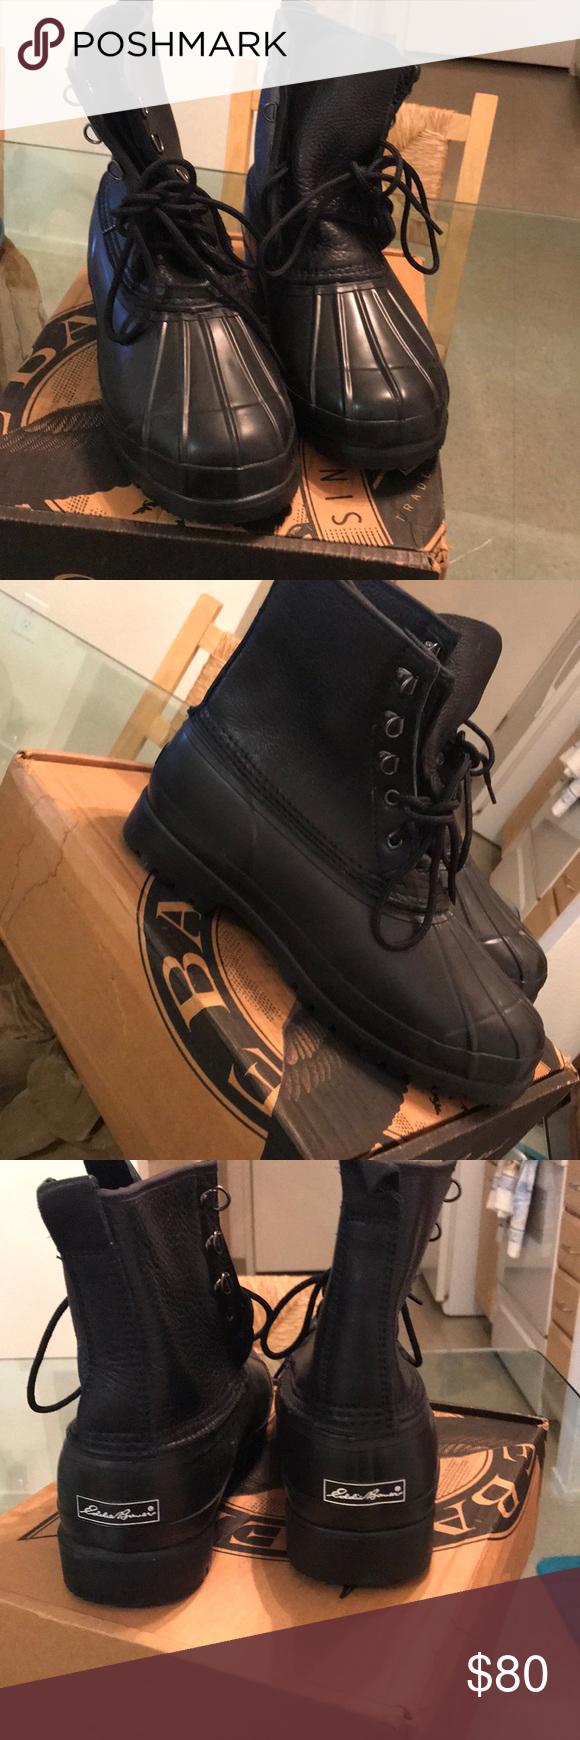 Eddie Bauer man hunt boots Excellent condition Shoes Boots